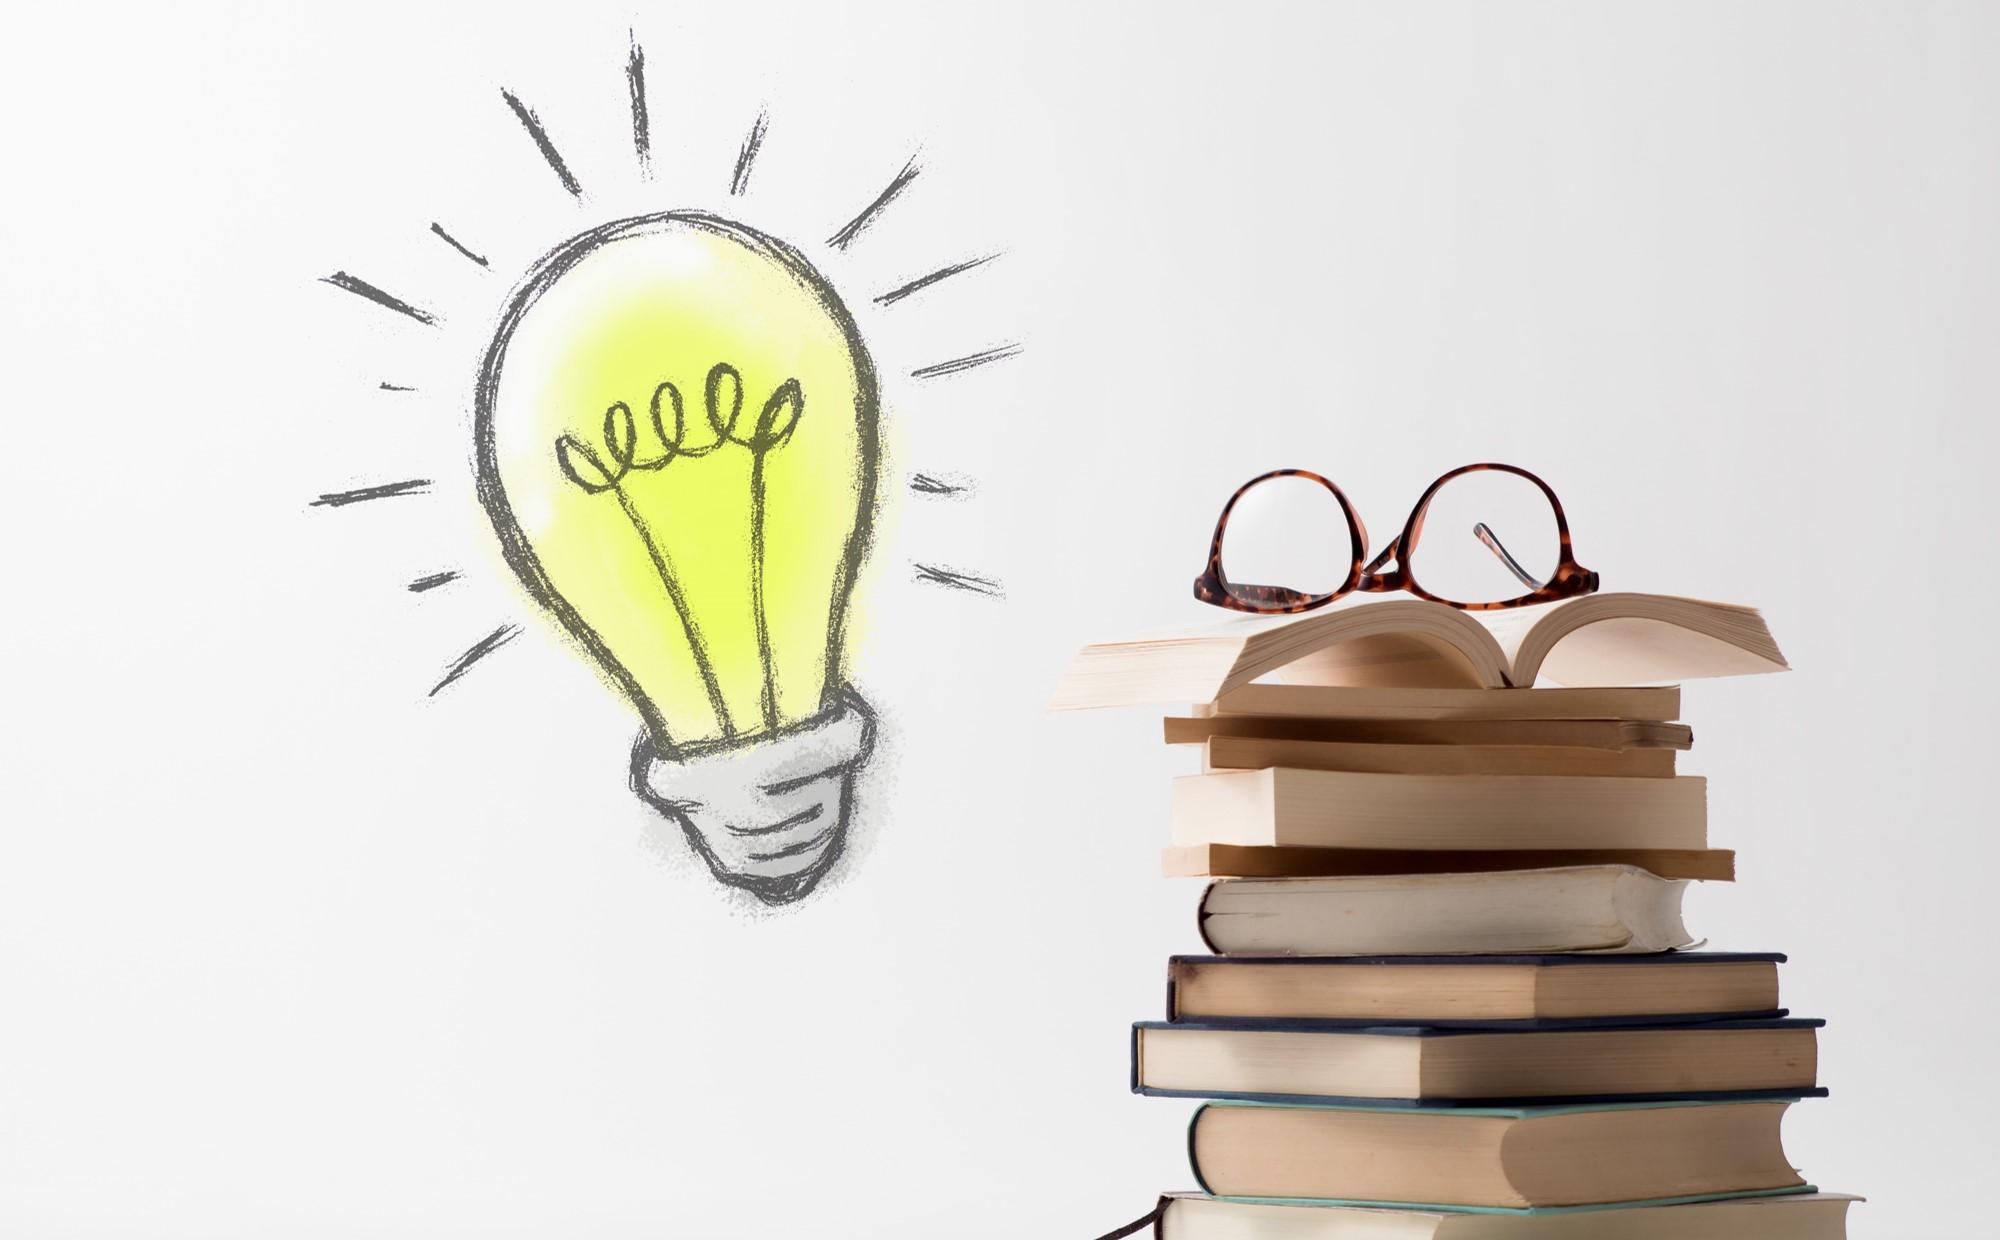 アイディアが湧きやすいシチュエーション「ベスト3」とビジネスに活かすコツ